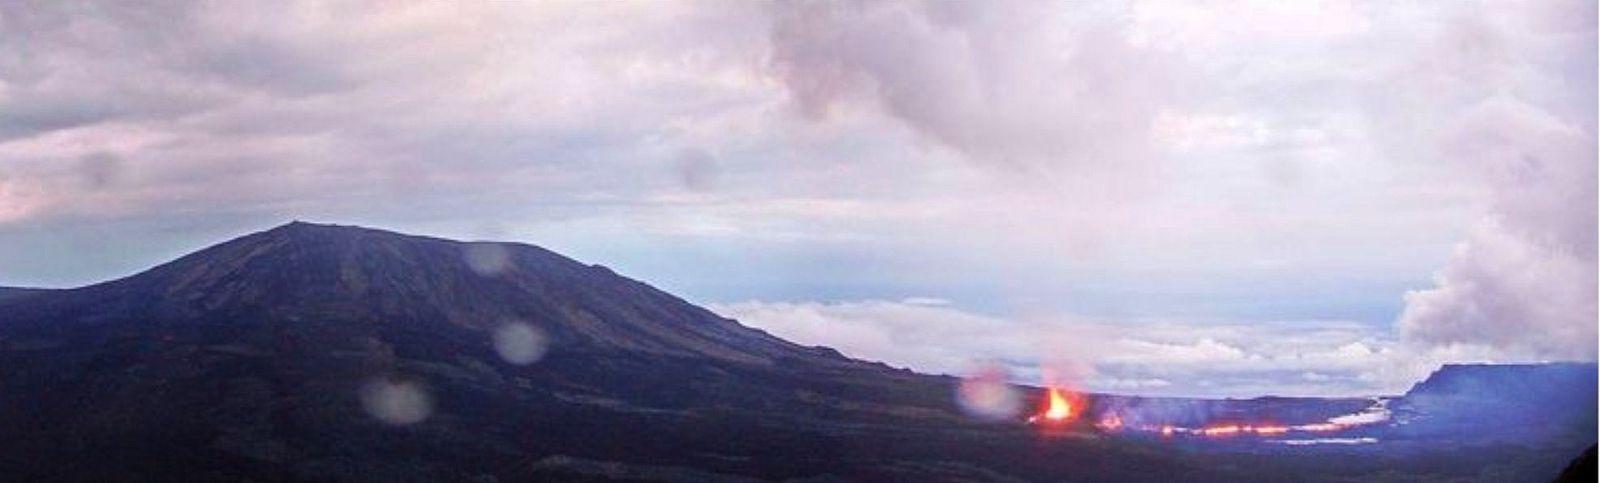 Piton de La Fournaise - localisation des évents actifs dans l'Enclos le 12.04.2021 / 18h16 -  webcam IRT / IPGP-OVPF - un clic pour agrandir